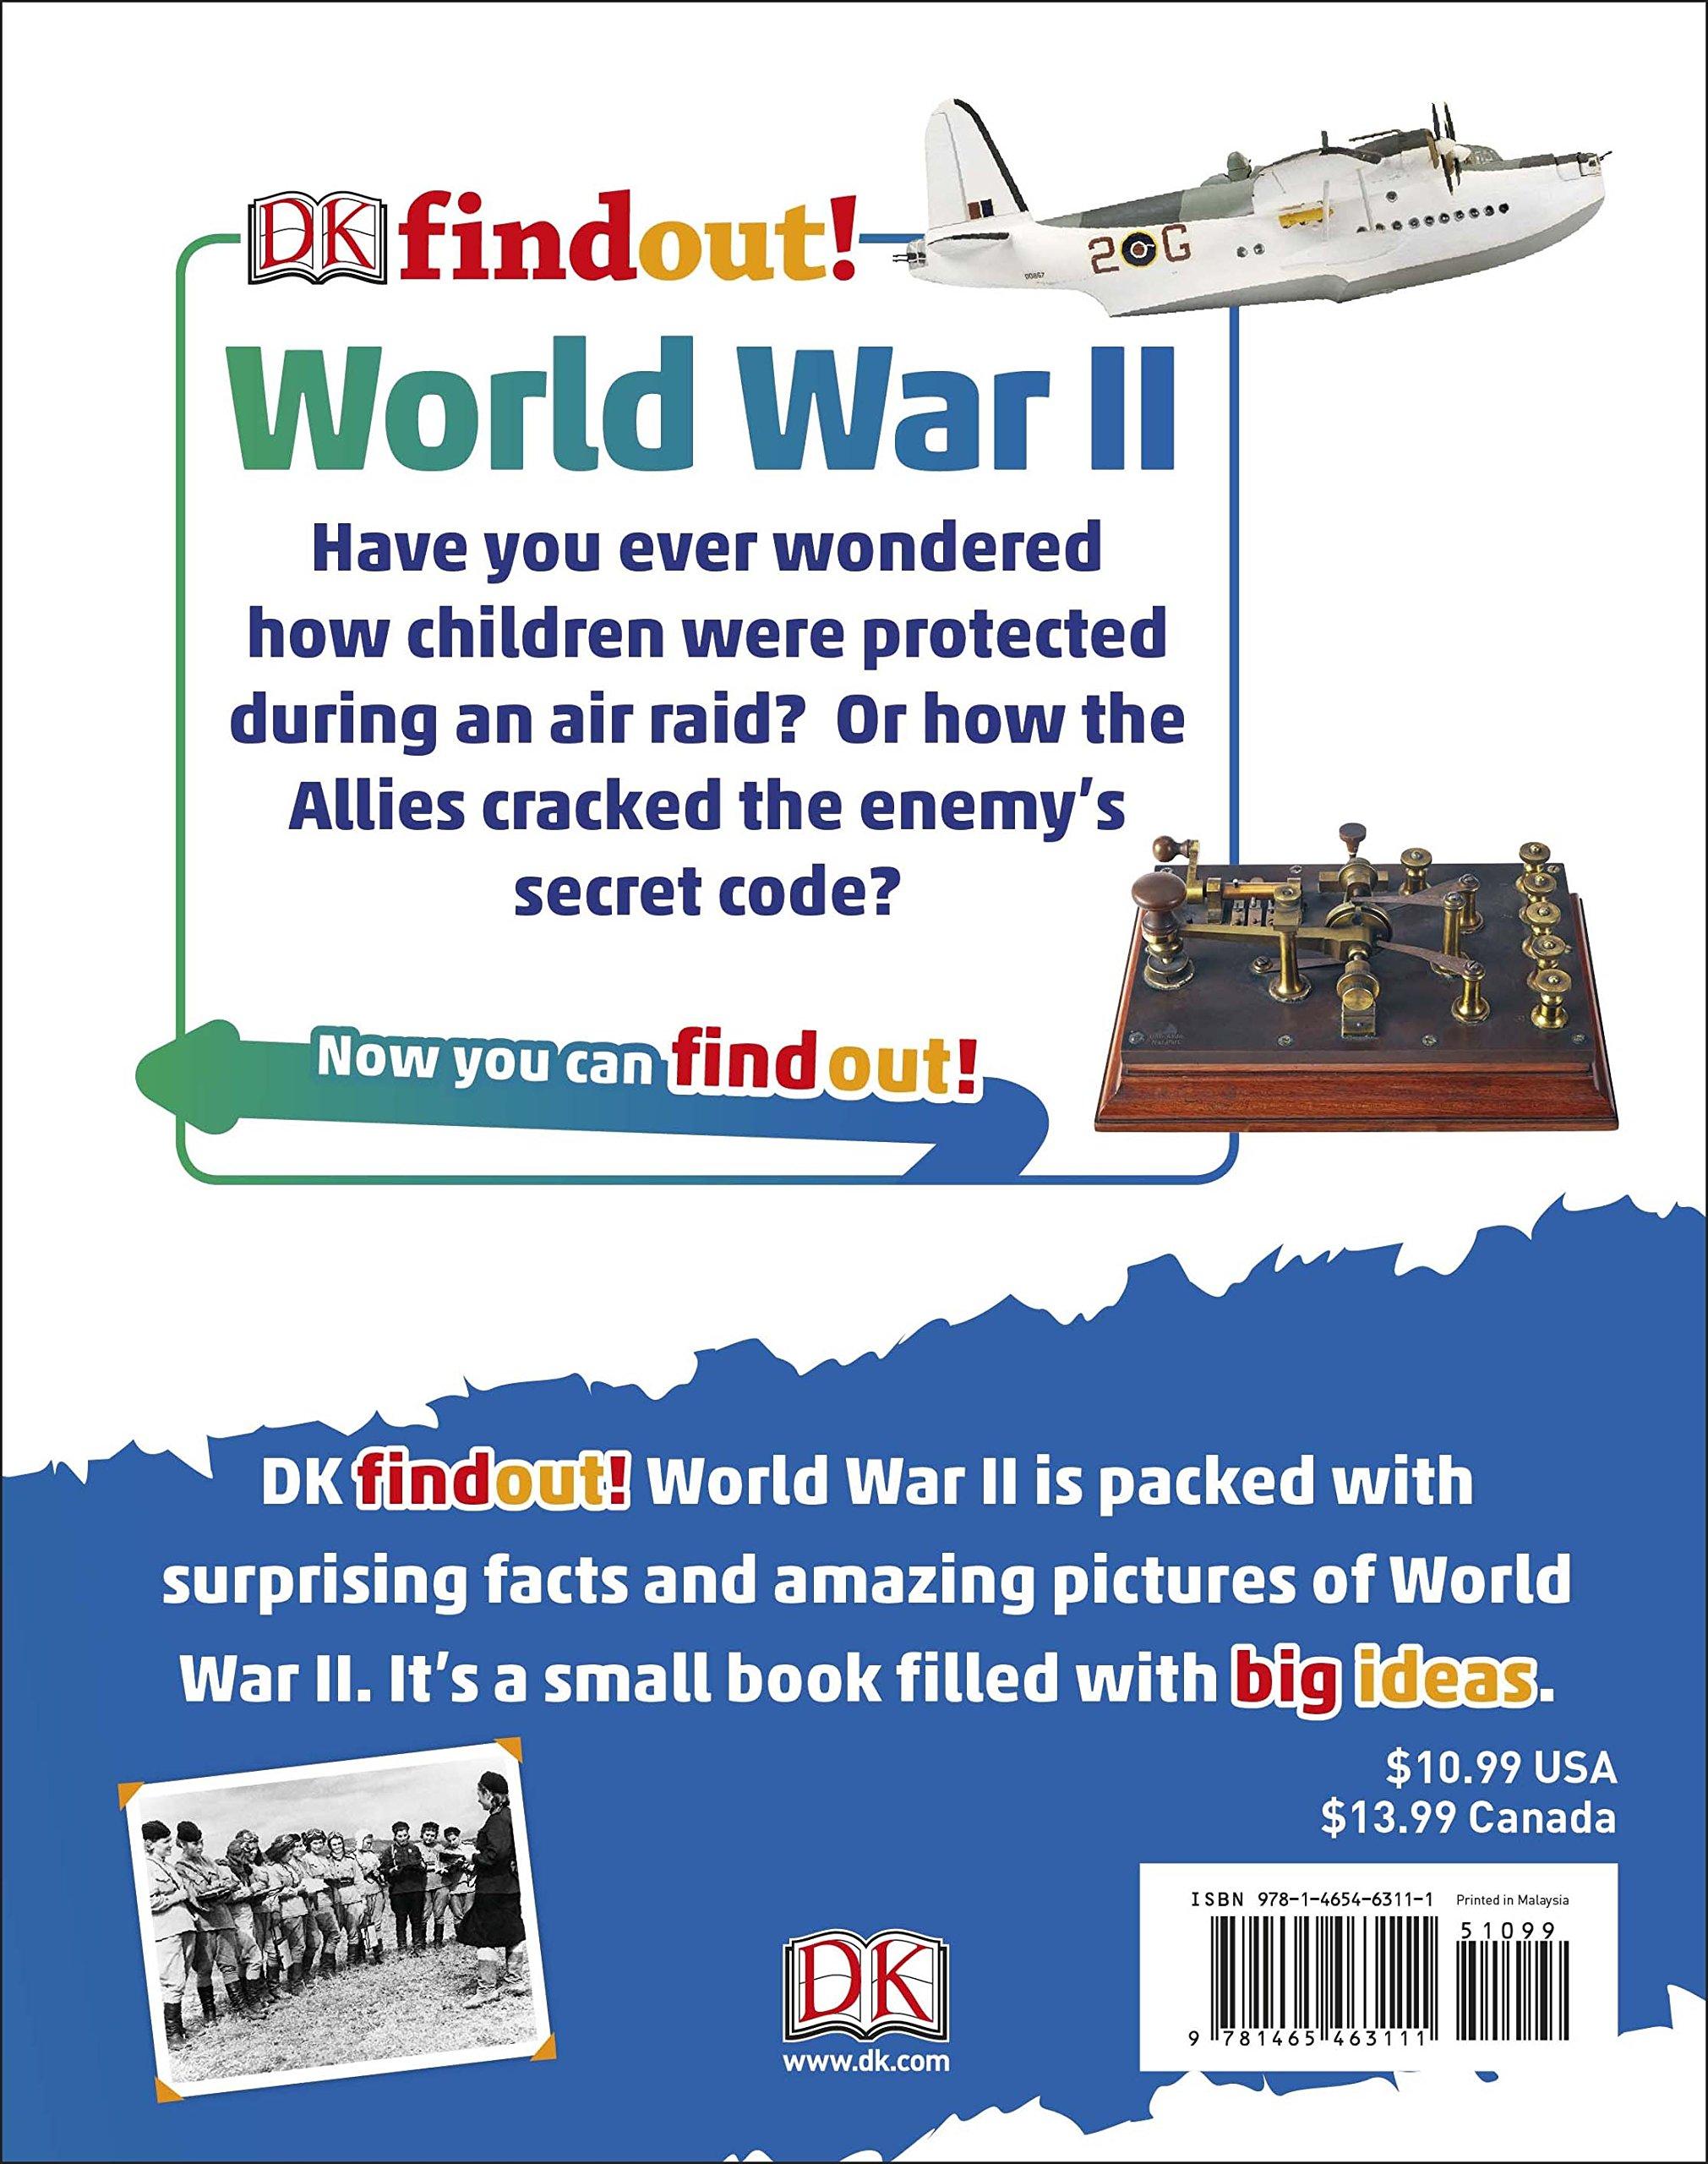 DK findout! World War II by DK Children (Image #2)